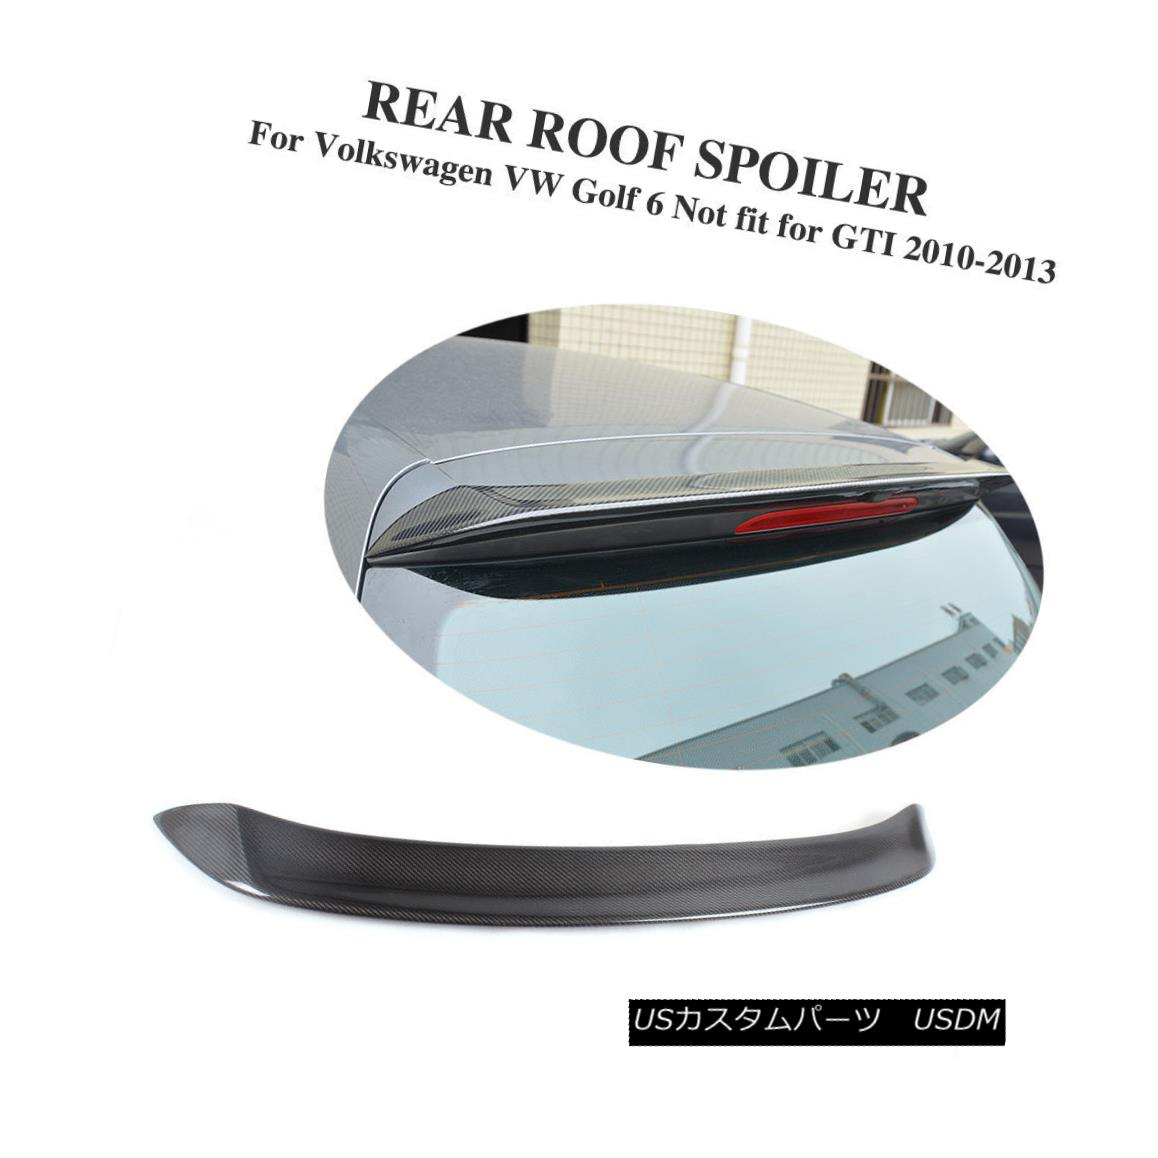 エアロパーツ Carbon Fiber Rear Roof Spoiler Wing Lip Fit for VW Golf 6 VI MK6 Non GTI O Style カーボンファイバーリアルーフスポイラーVWゴルフ用ウィングリップフィット6 VI MK6非GTI Oスタイル